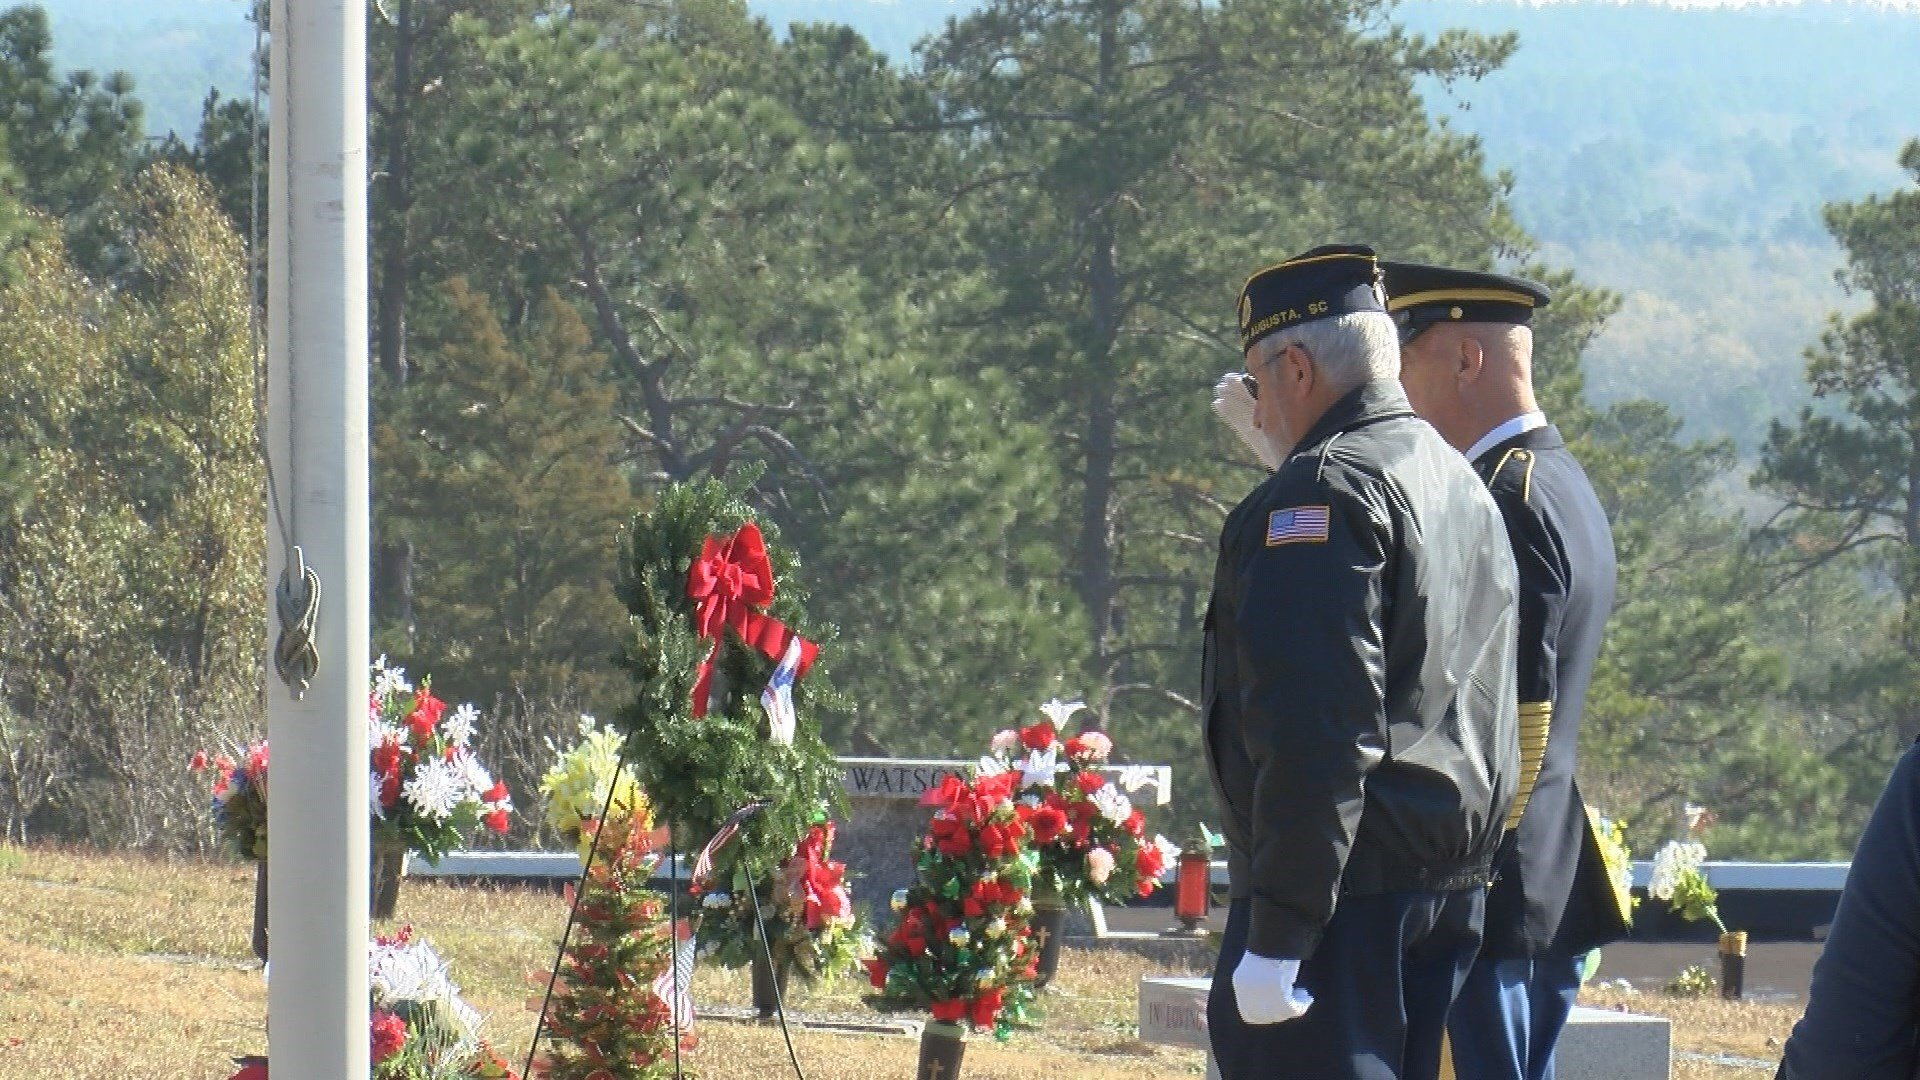 Wreaths Across America ceremony held in Aiken